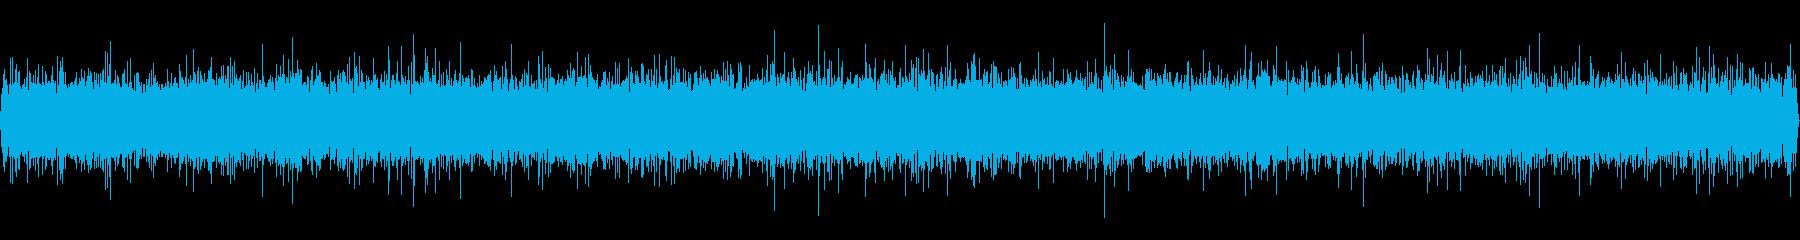 大規模なストリーム:高速で活発なバ...の再生済みの波形